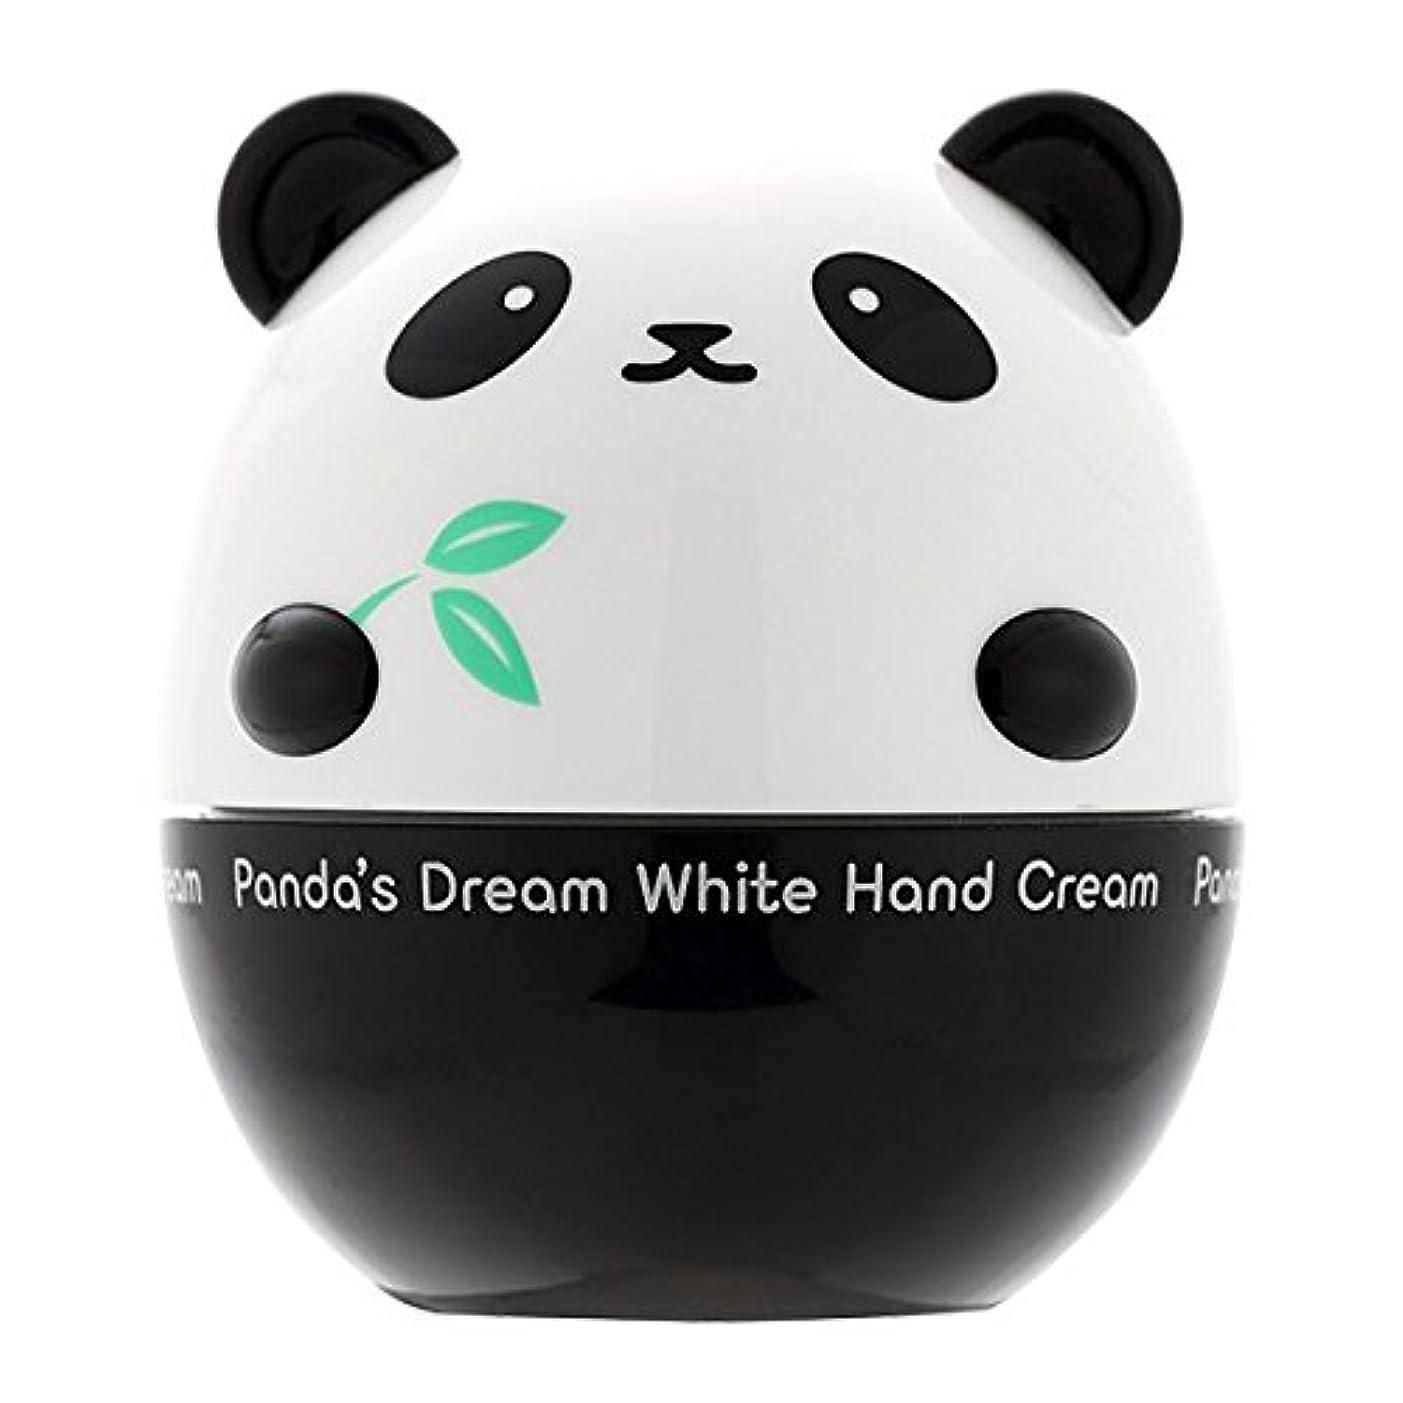 障害株式会社古いTONYMOLY パンダのゆめ ホワイトマジッククリーム 50g Panda's Dream White Magic Cream 照明クリームトニーモリー下地の代わりに美肌クリーム美肌成分含有 【韓国コスメ】トニーモリー